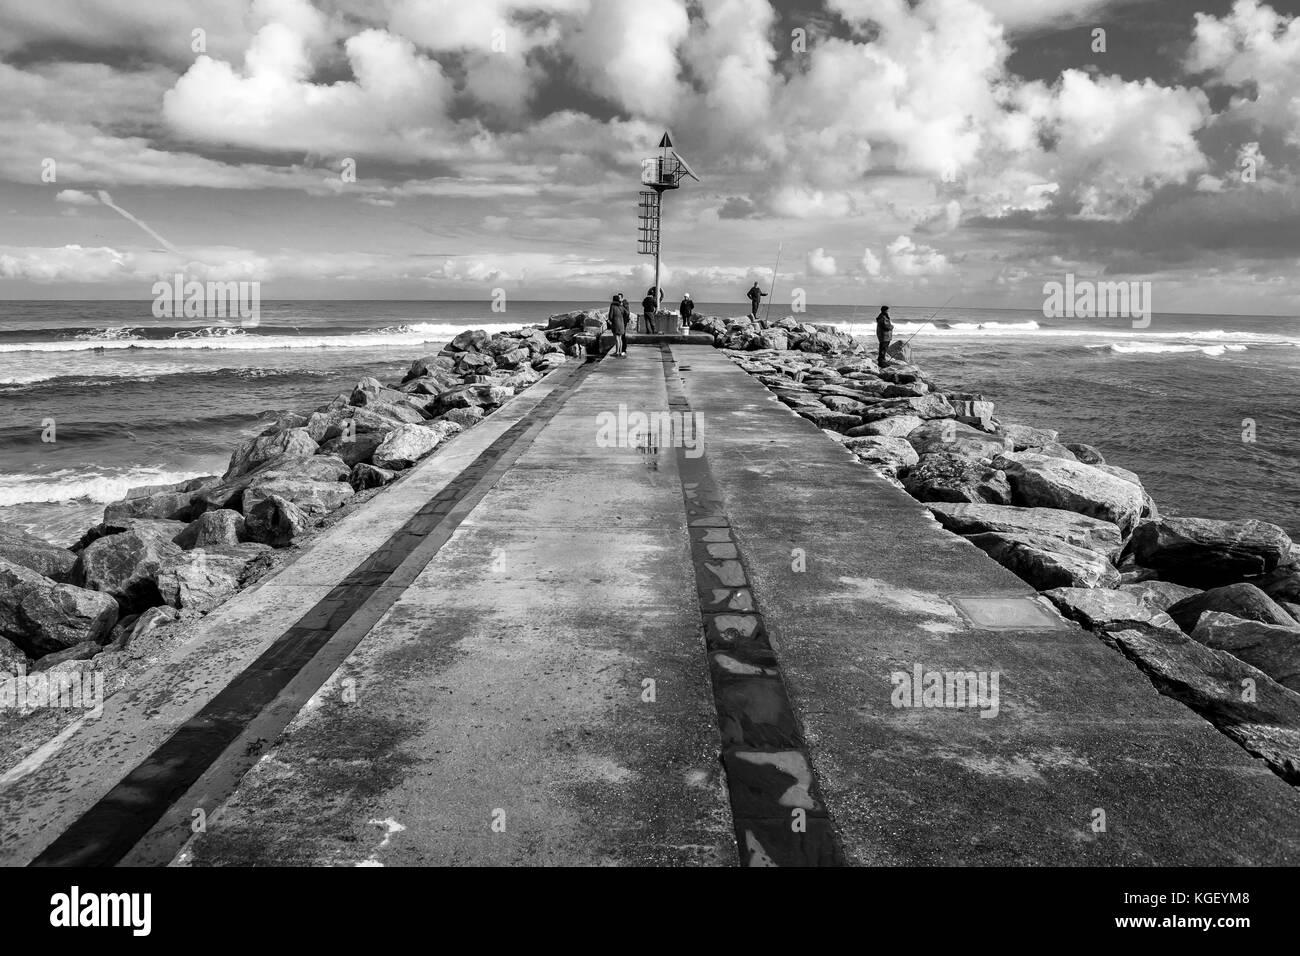 Un lontano gruppo di persone su un molo un giorno nuvoloso Immagini Stock